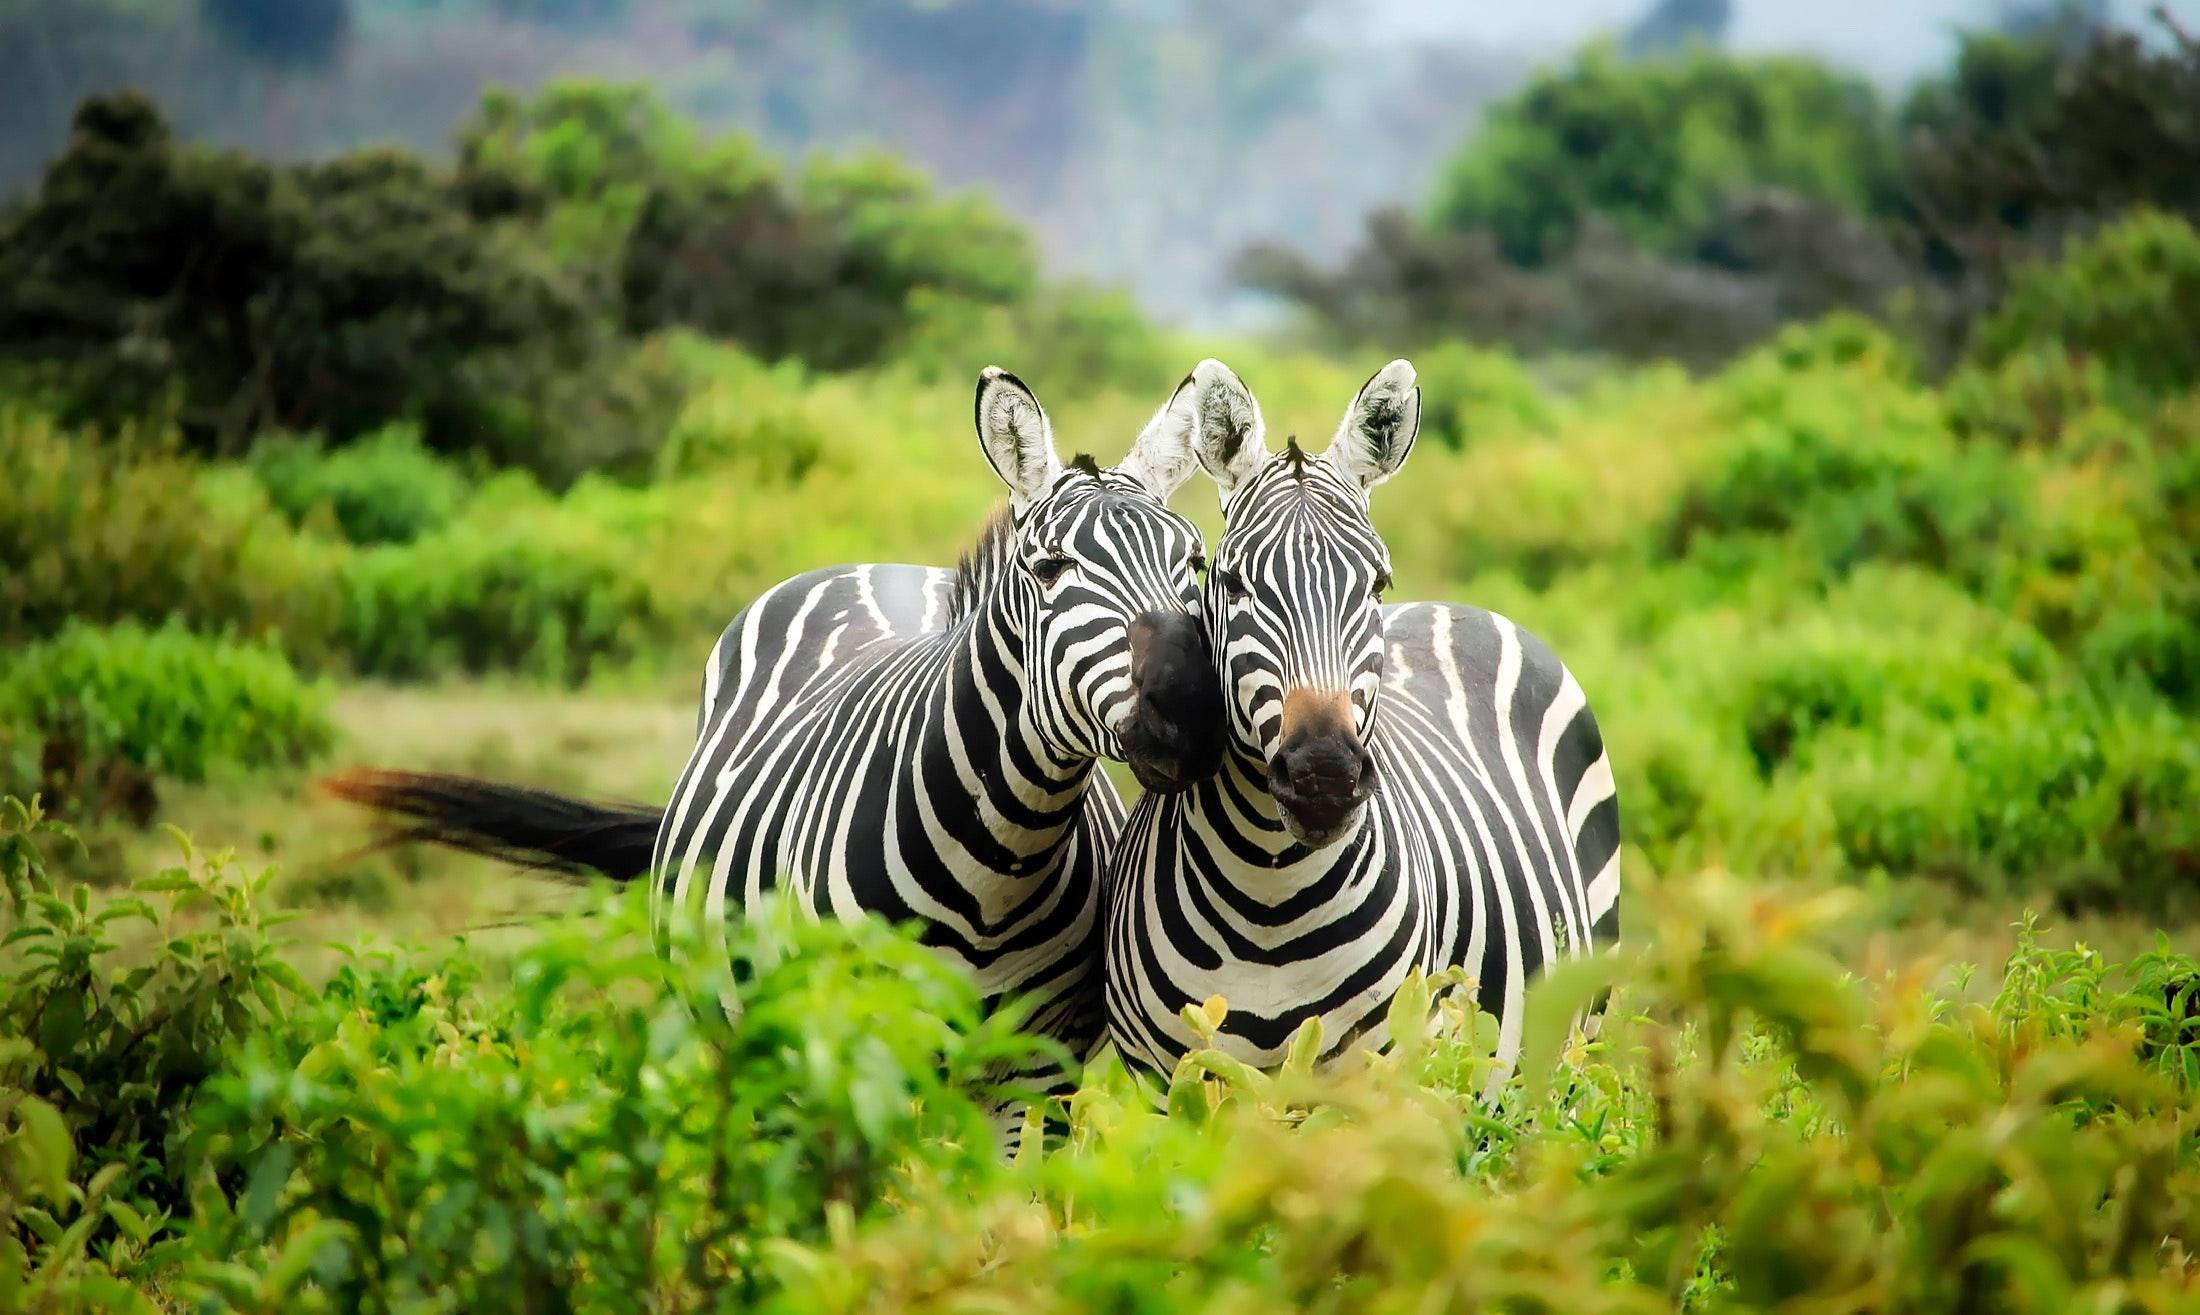 africa-animals-conservation-247376.jpg